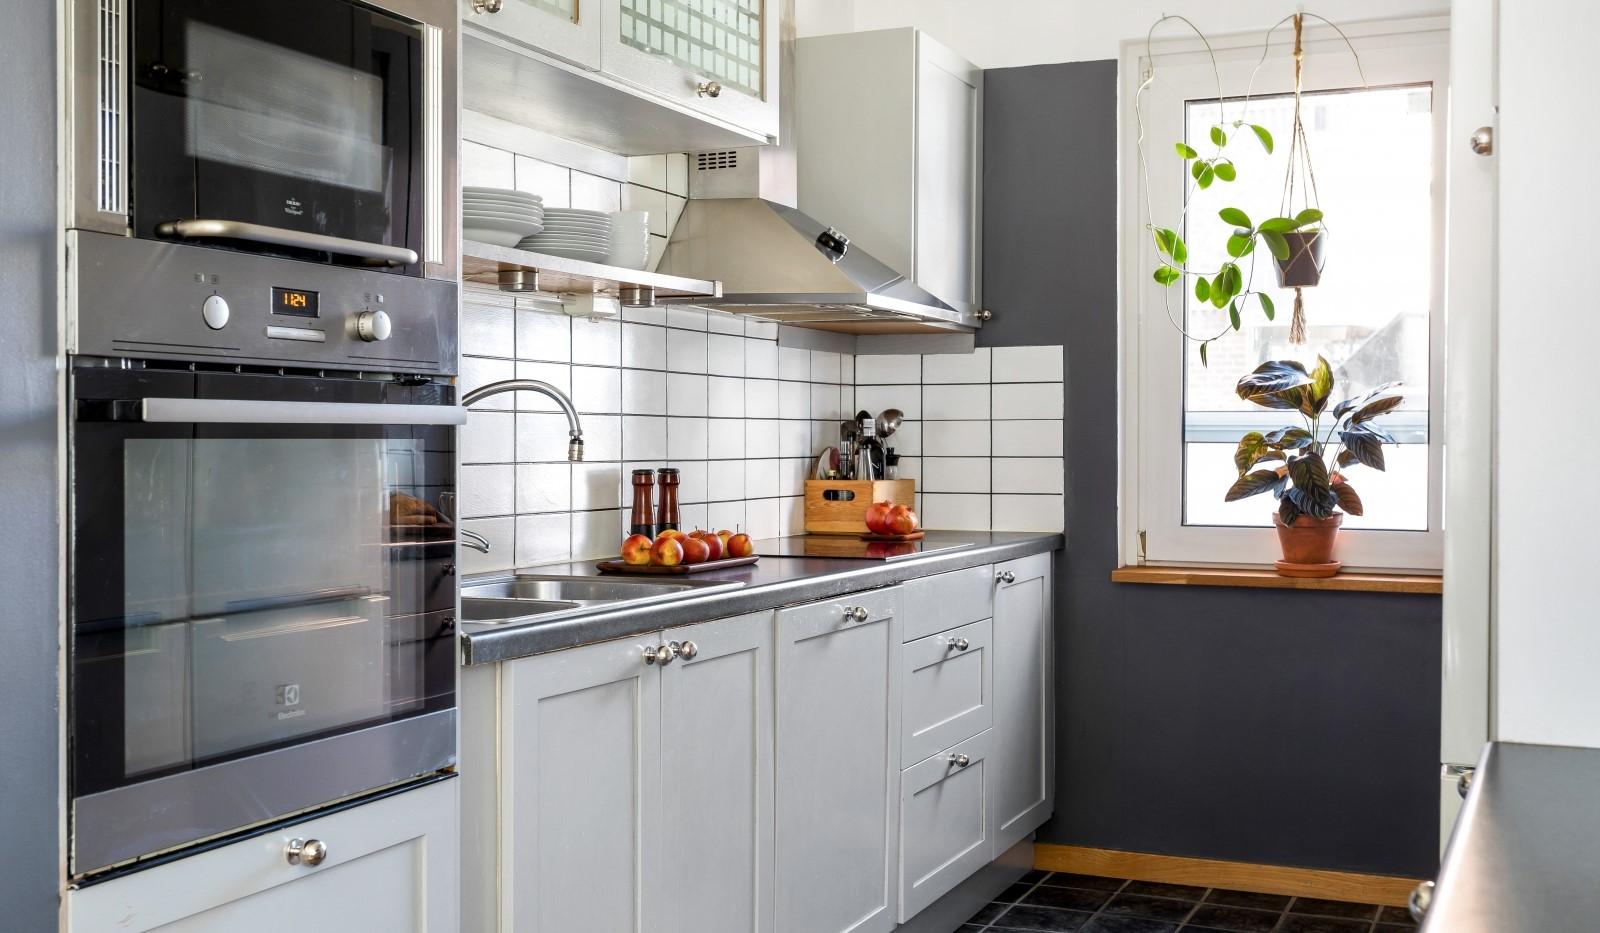 Kocksgatan 42 - Snyggt kök med vackra grå skåpsluckor och bra arbetsytor